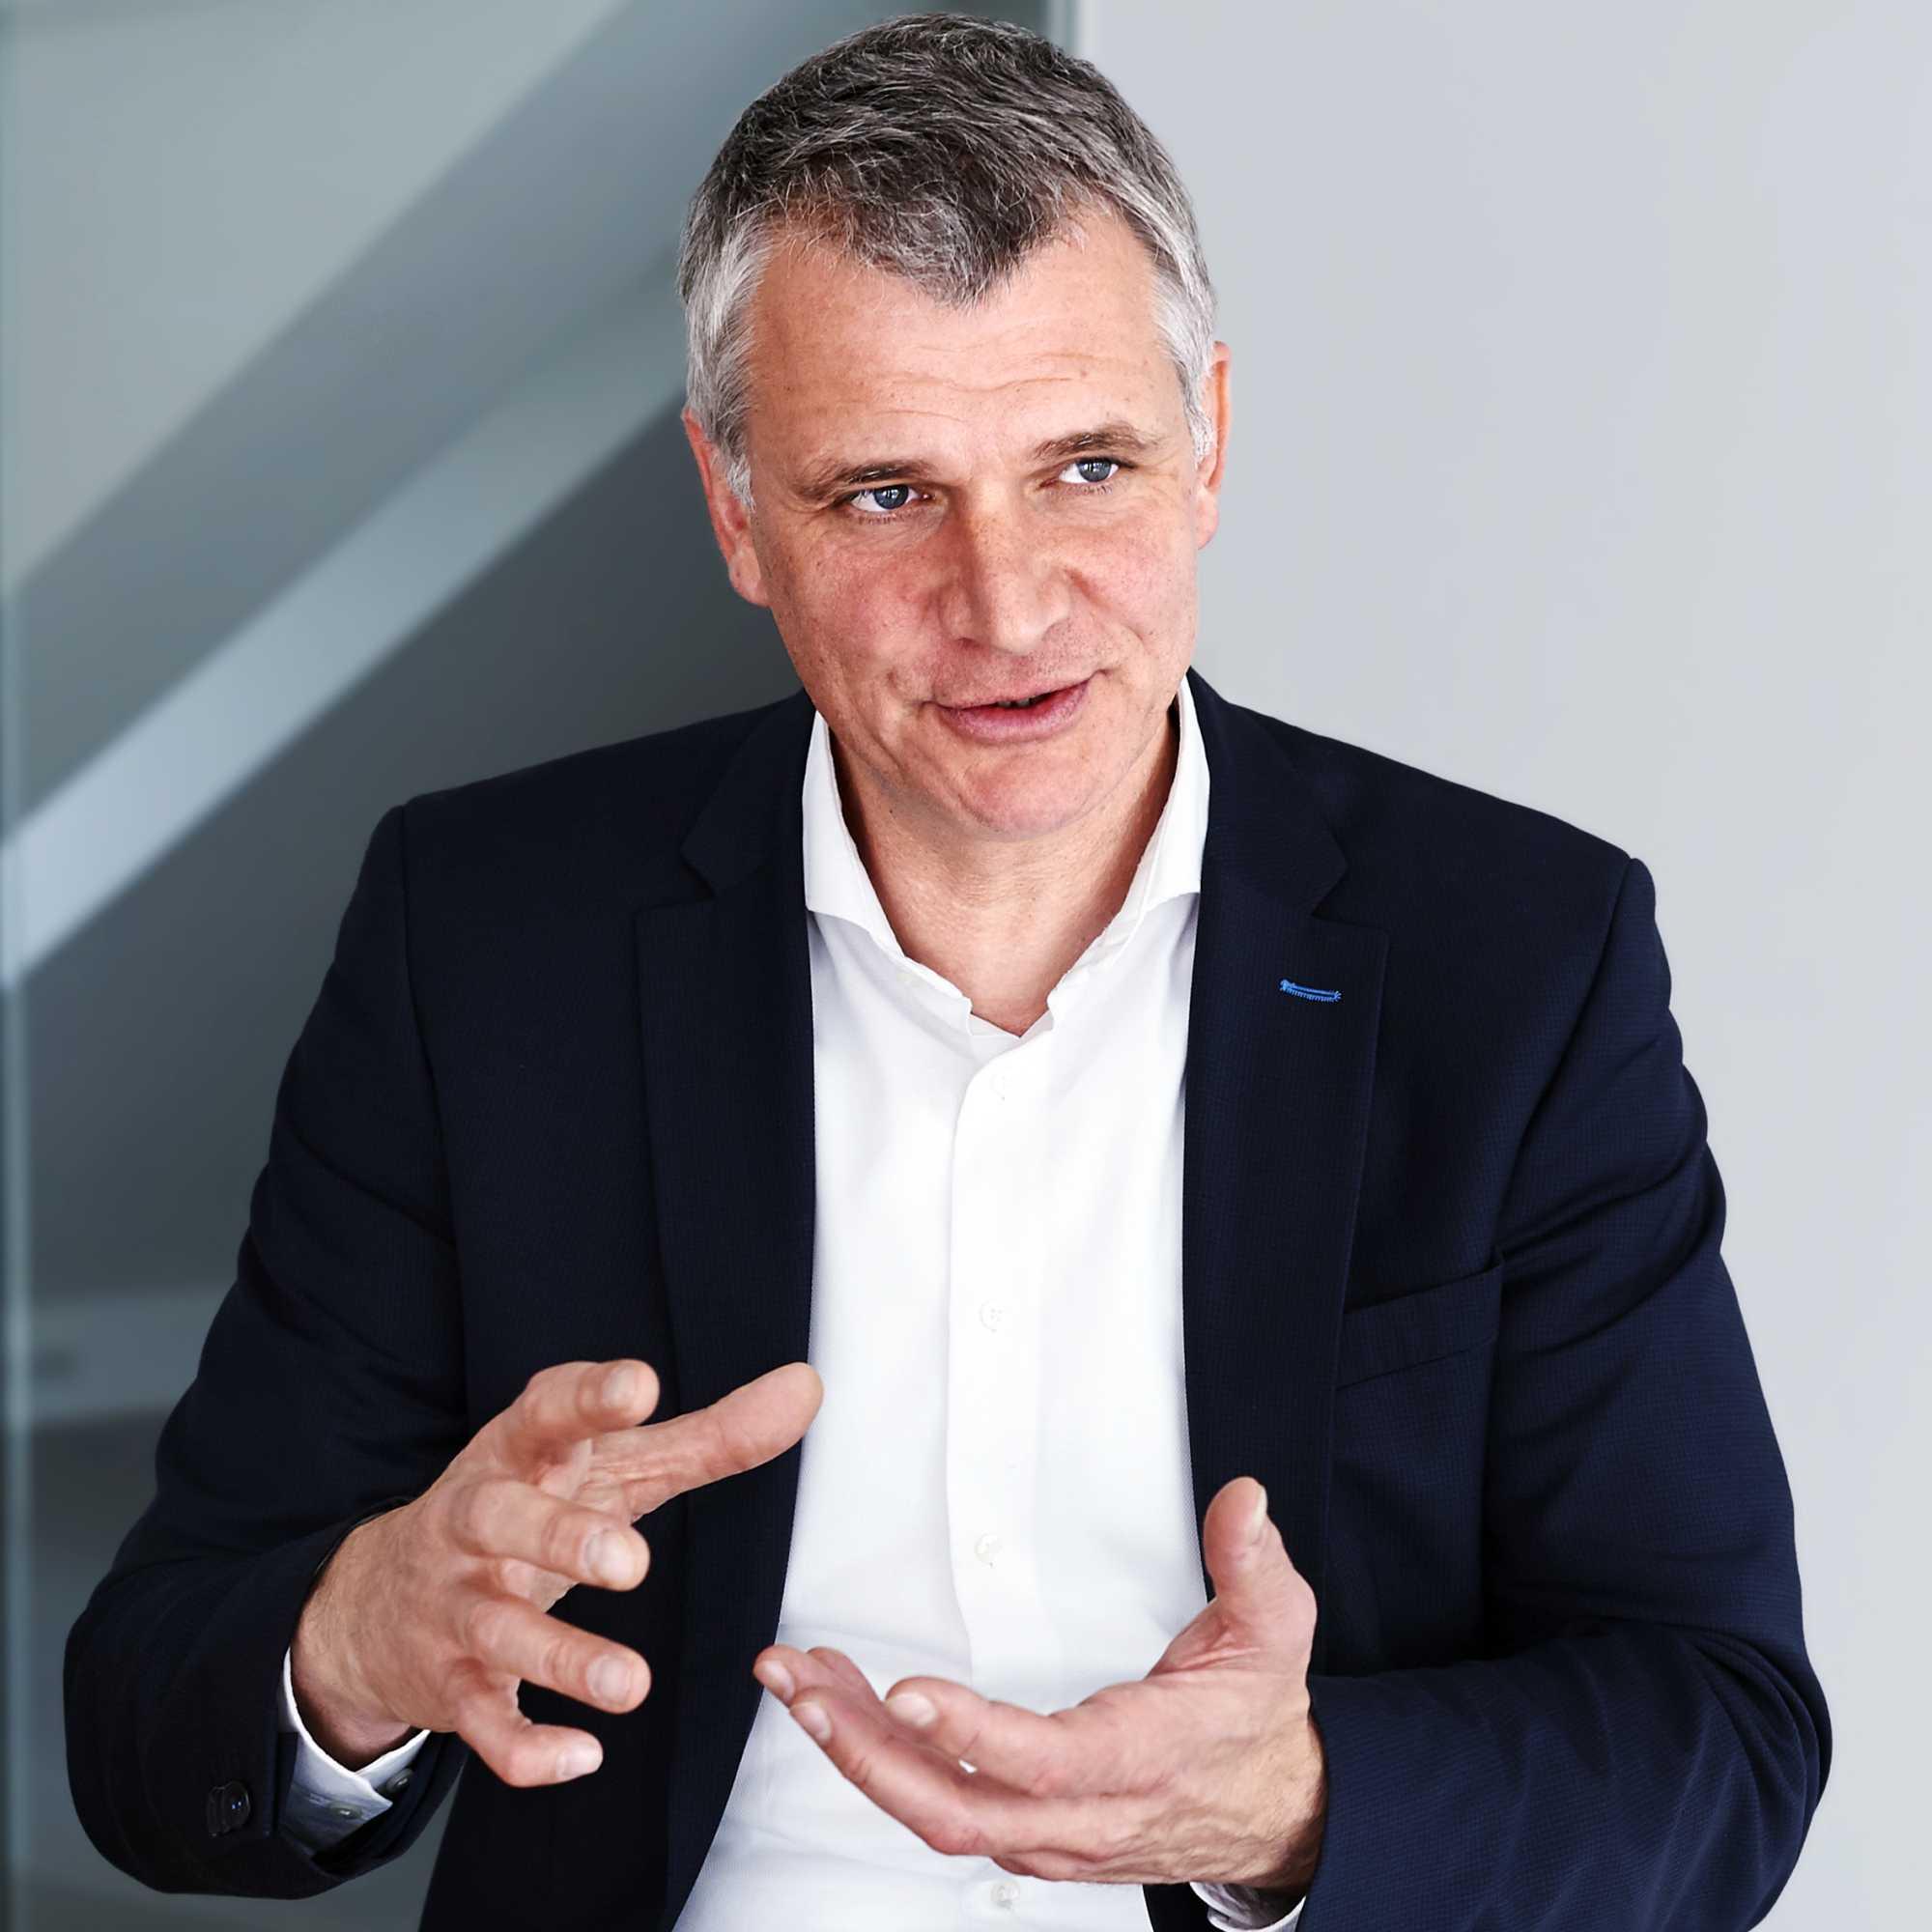 Eberhard Hübbe